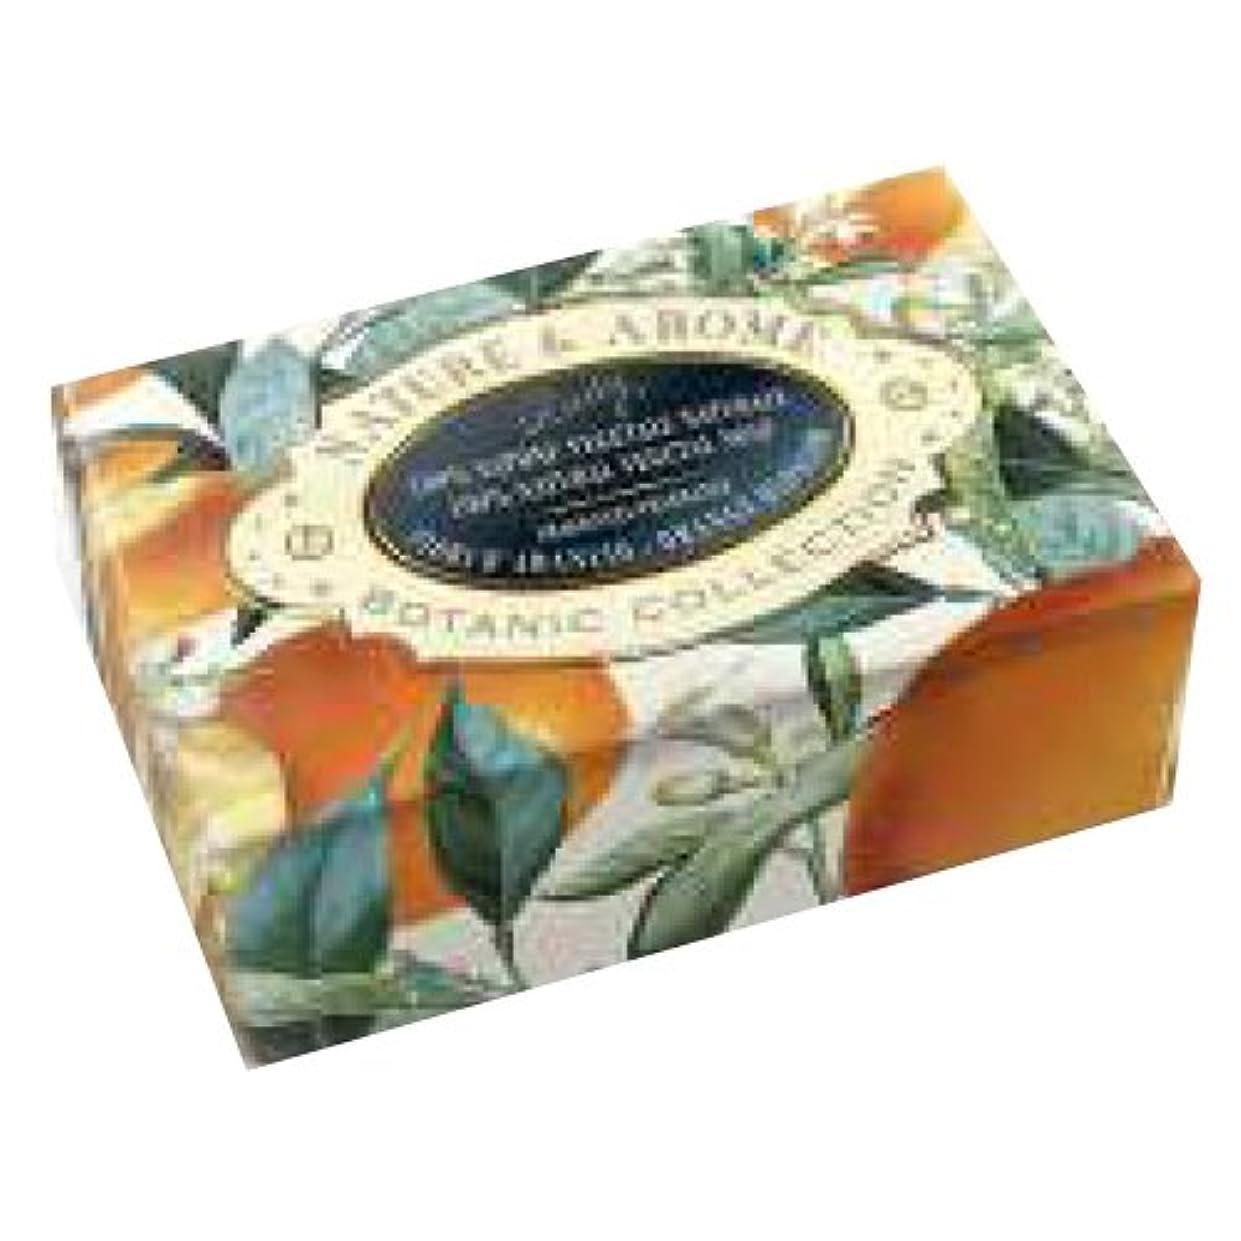 中間一貫性のない産地RUDY Nature&Arome SERIES ルディ ナチュール&アロマ Soap ソープ オレンジブロッサム